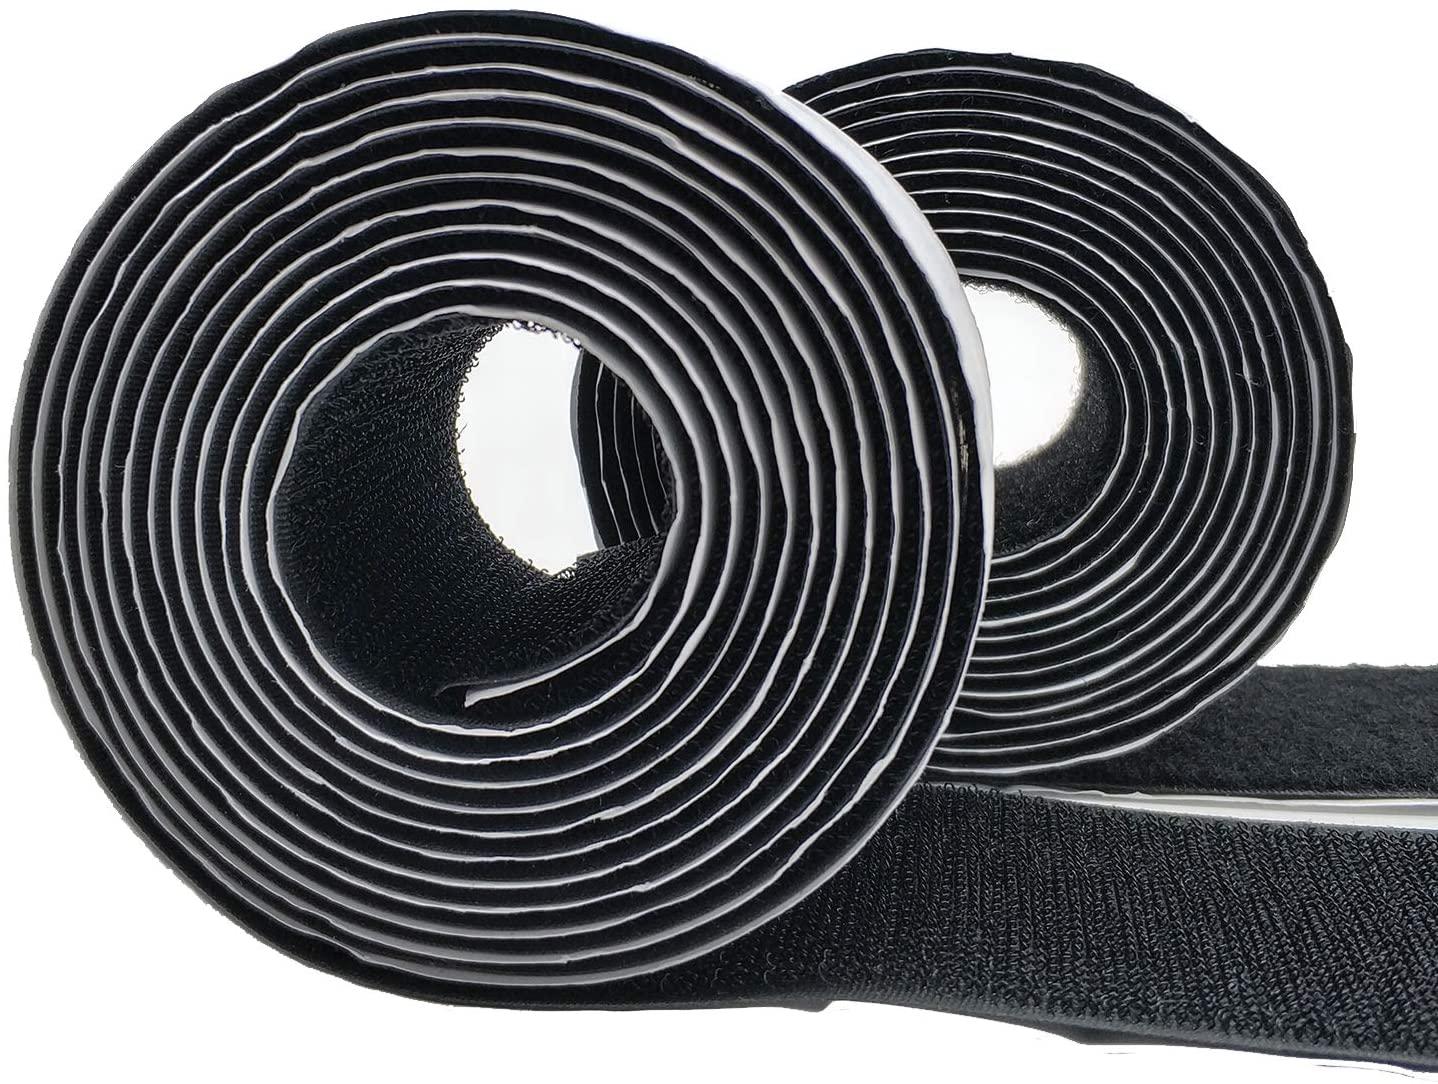 Eroilor 2.5 Meter (8.2 ft) Long 50mm (2 inch) Width Hook and Loop Tape Self-Adhesive Tape - Black